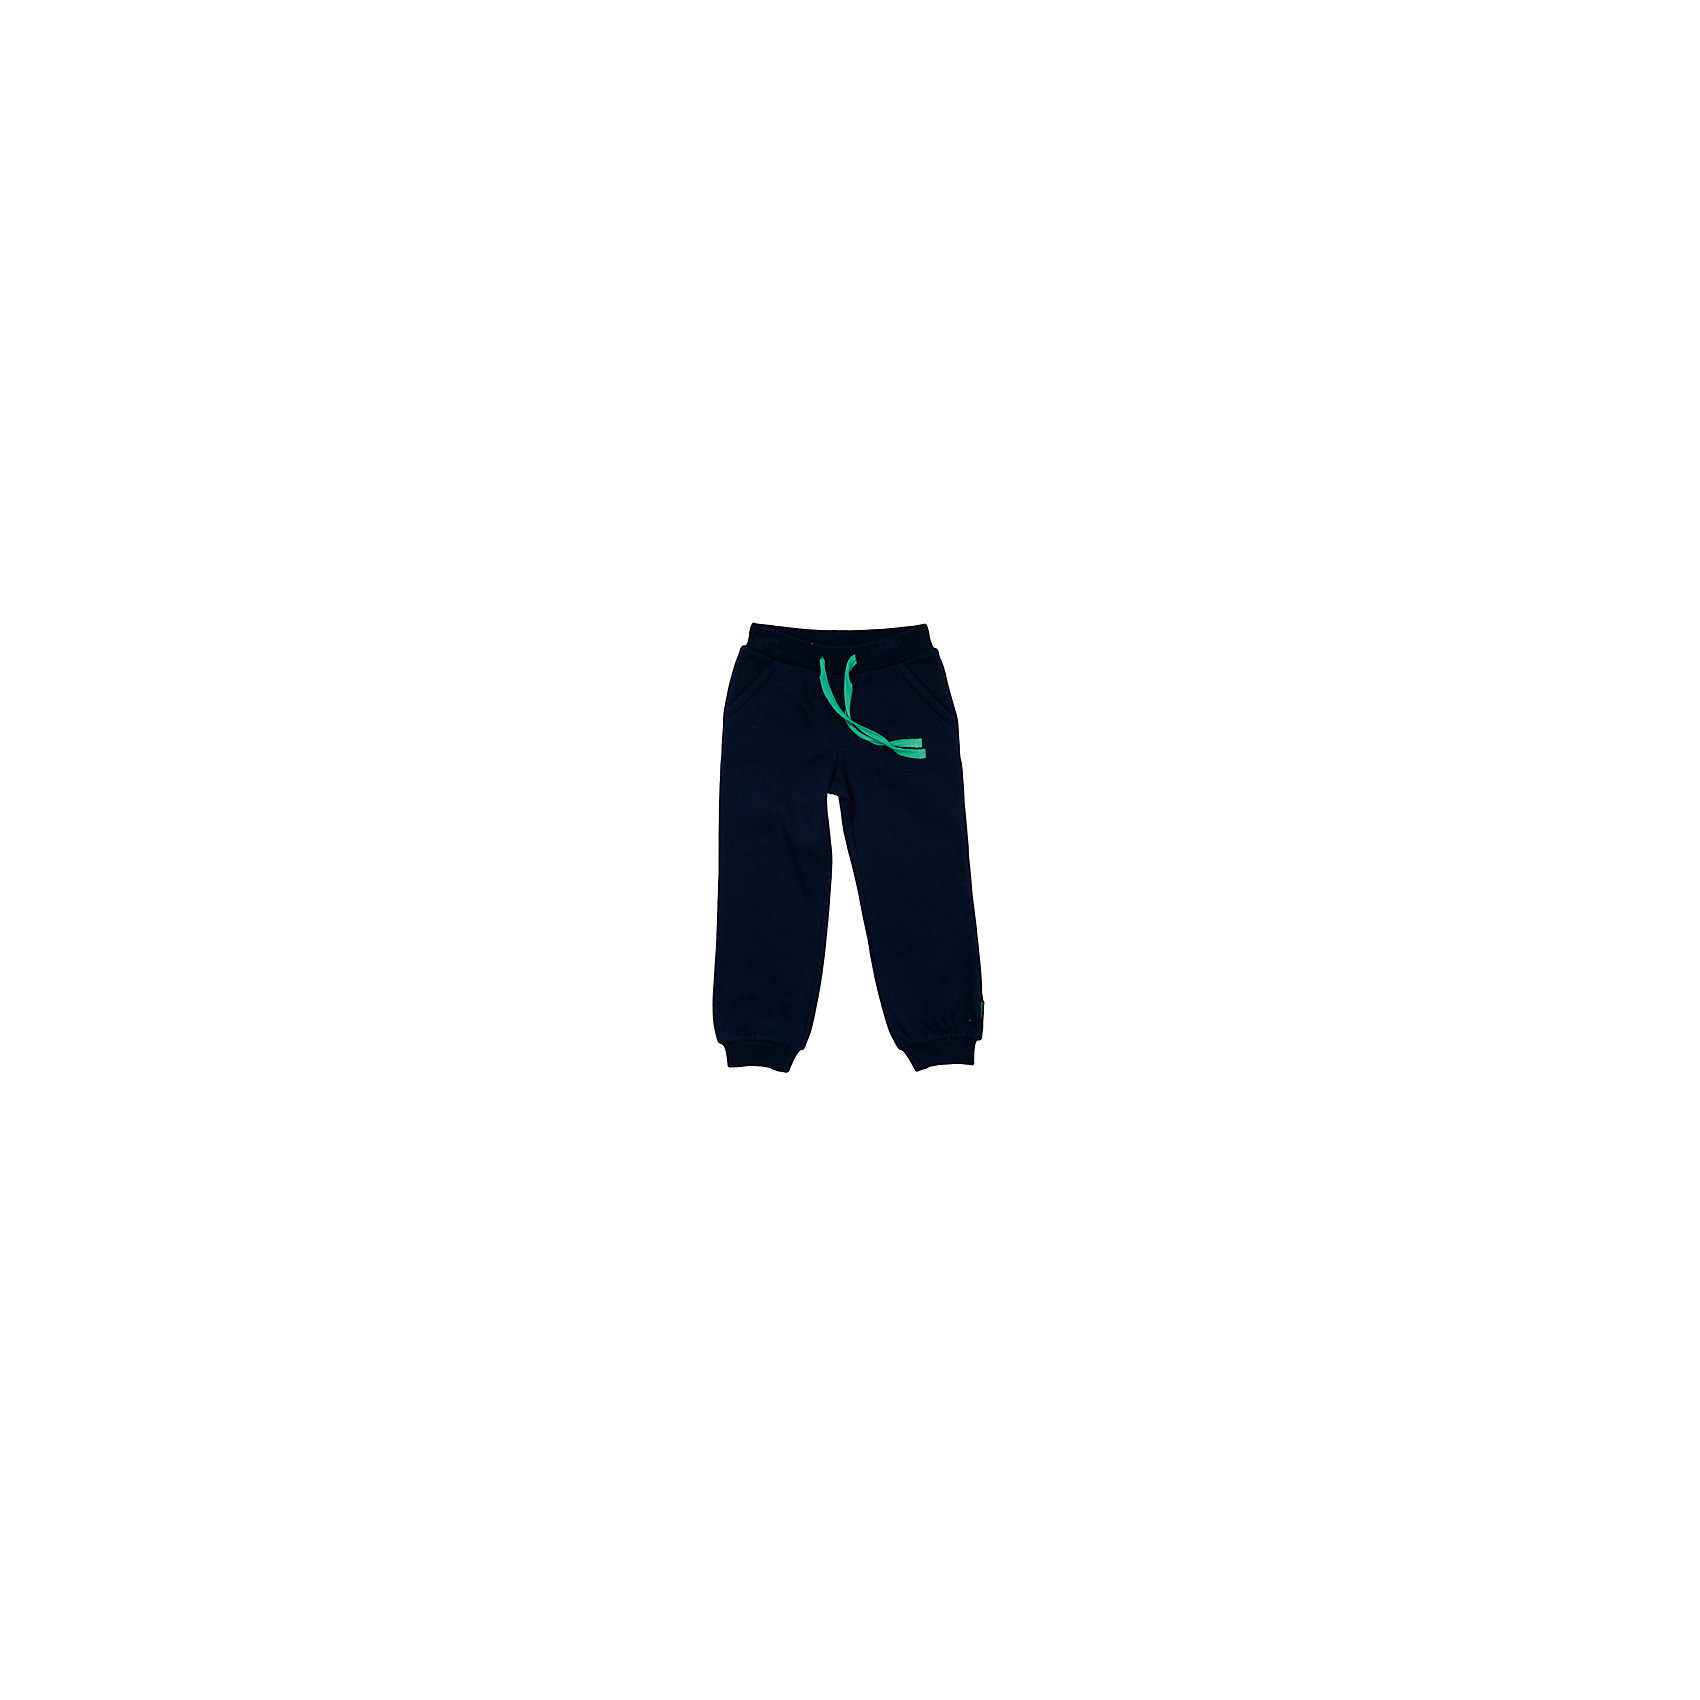 Брюки для мальчика PlayTodayБрюки<br>Брюки для мальчика от известного бренда PlayToday.<br>Уютные брюки из футера с начесом в спортивном стиле. Пояс на резинке, дополнительно регулируется шнурком. Есть два функциональных кармана. Низ штанишек на широкой трикотажной резинке.<br>Состав:<br>80% хлопок, 20% полиэстер<br><br>Ширина мм: 215<br>Глубина мм: 88<br>Высота мм: 191<br>Вес г: 336<br>Цвет: синий<br>Возраст от месяцев: 36<br>Возраст до месяцев: 48<br>Пол: Мужской<br>Возраст: Детский<br>Размер: 104,122,128,110,116,98<br>SKU: 4898332